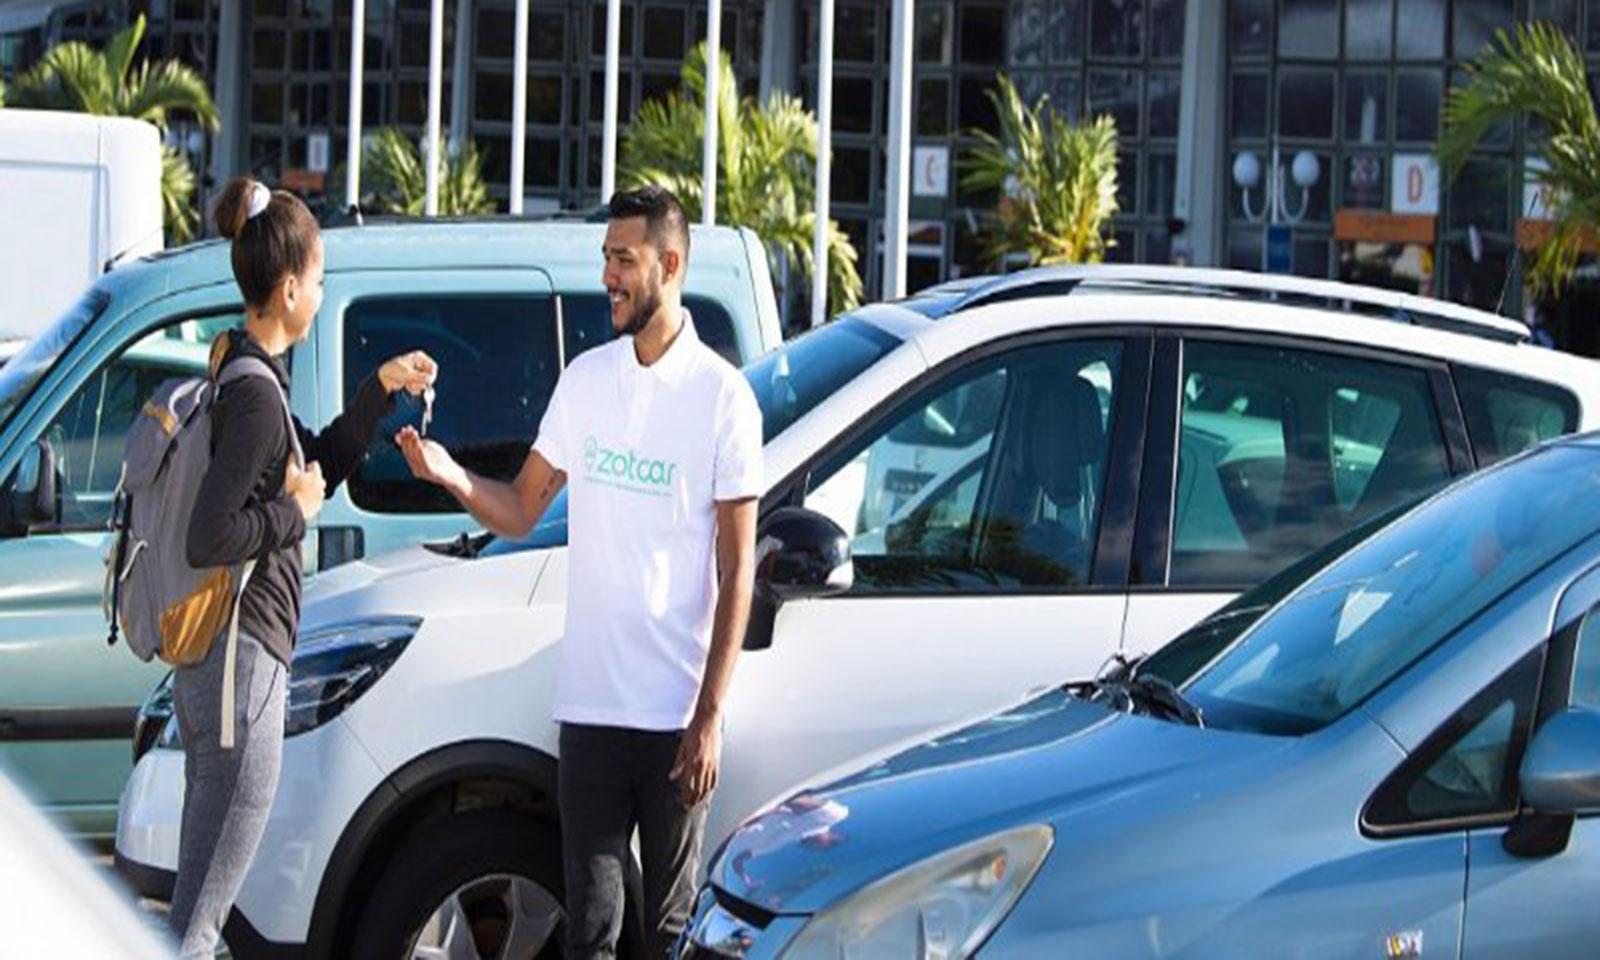 Zotcar et Antenne Réunion réalisent la 1ère opération de Media For Equity